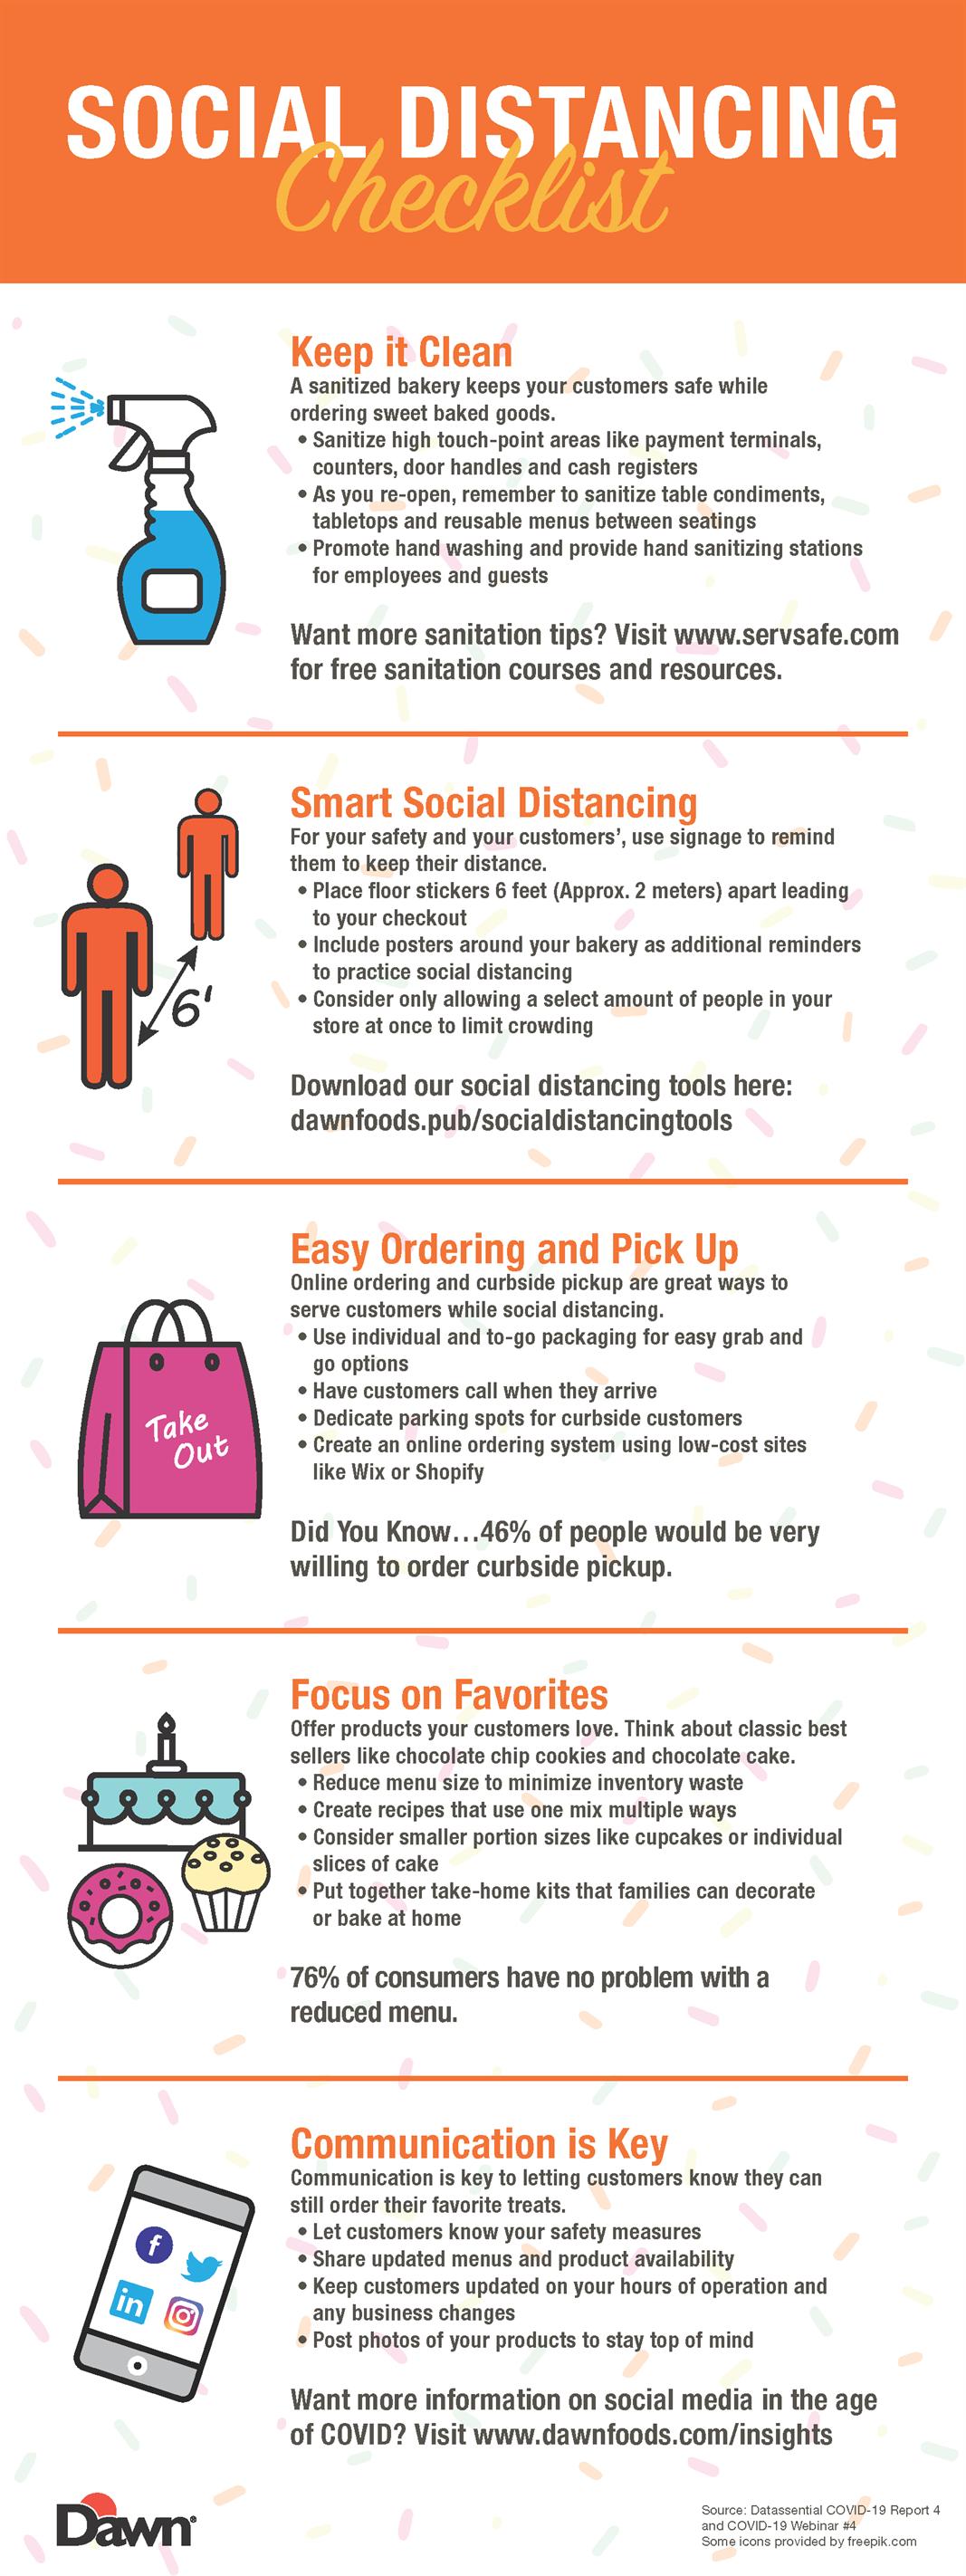 Social Distancing checklist